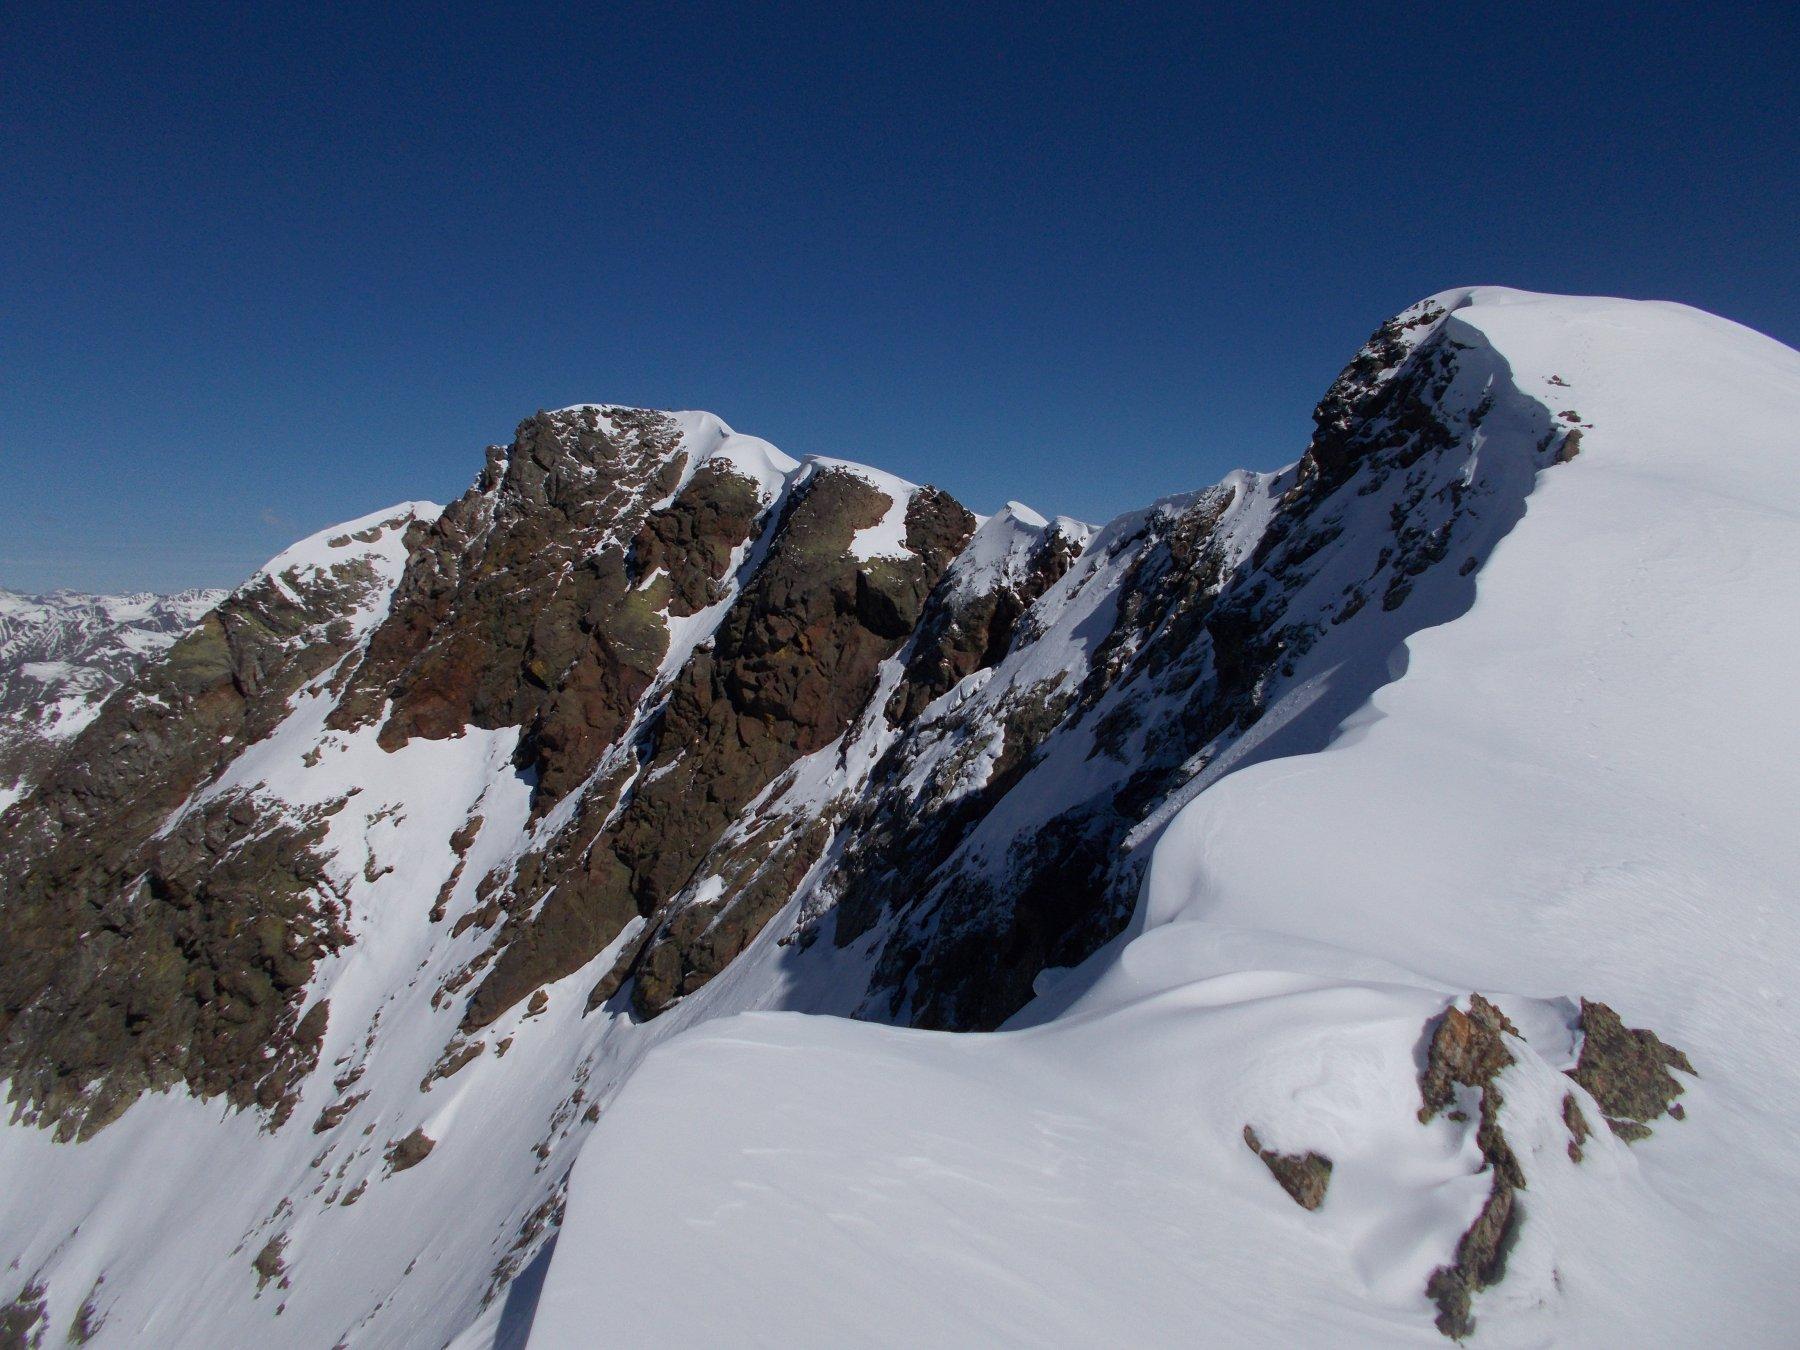 gran parte del percorso di cresta dalla massima depressione tra le due cime..